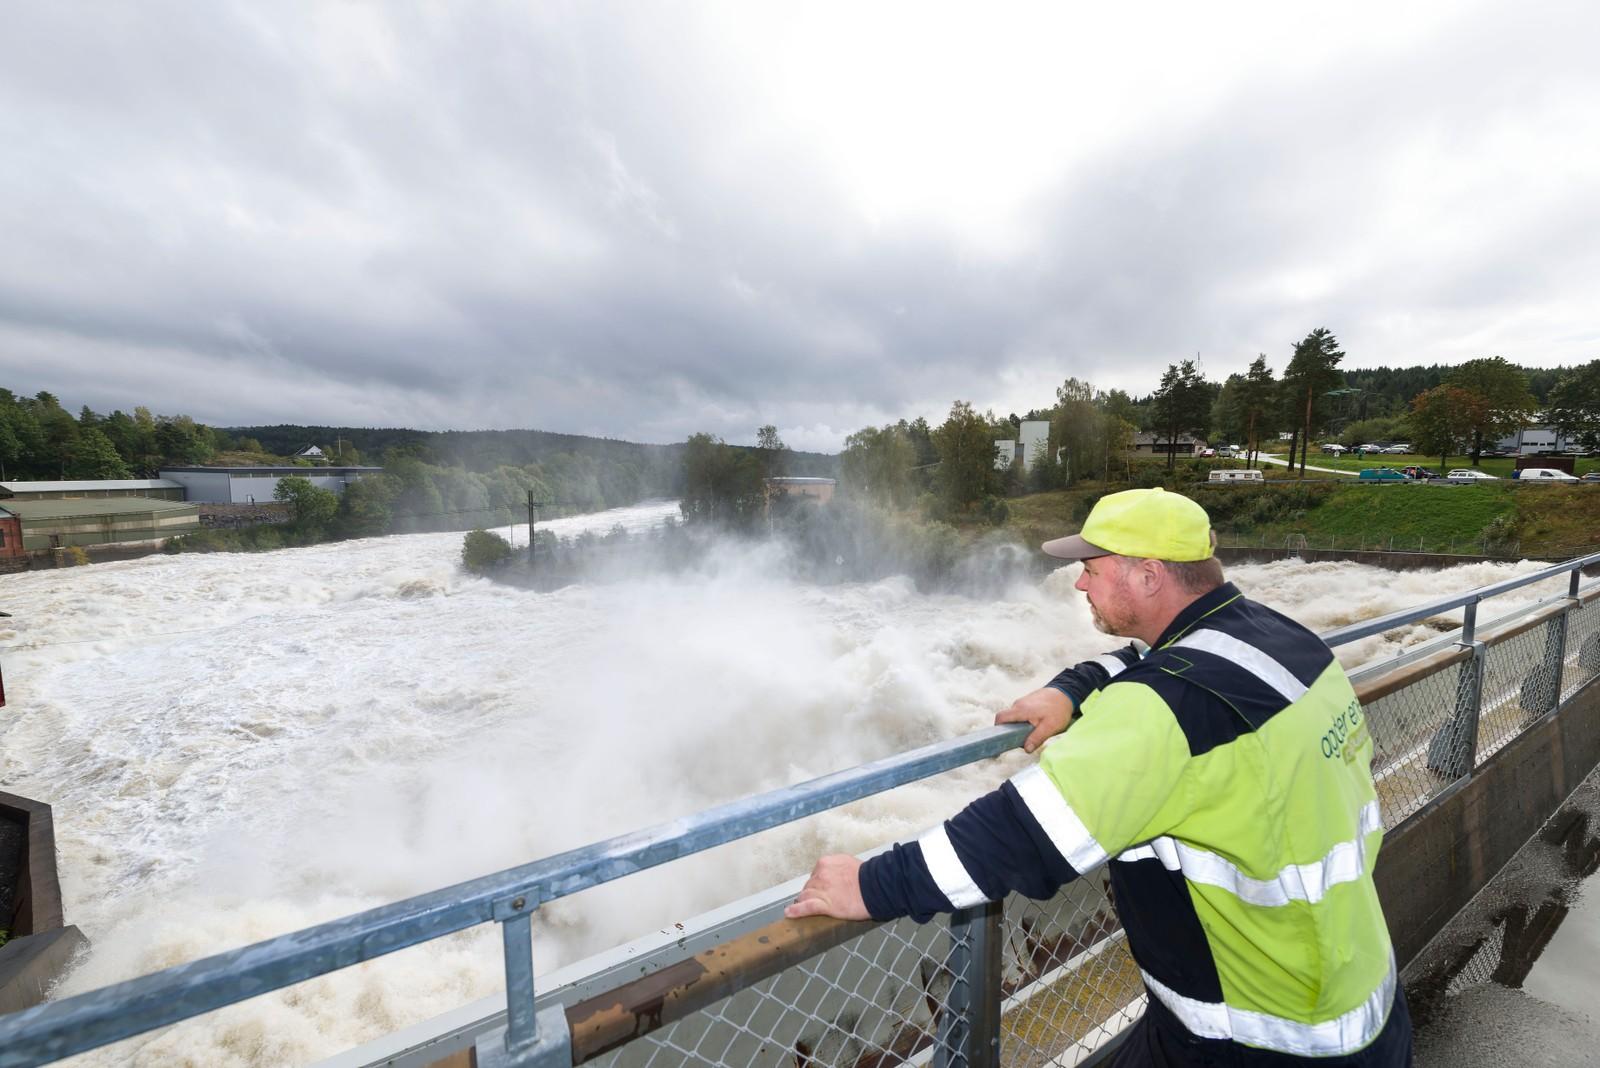 Store vannmengder ved Rygene kraftverk. Trygve Thaule står på demninga og vurderer vannmengdene.